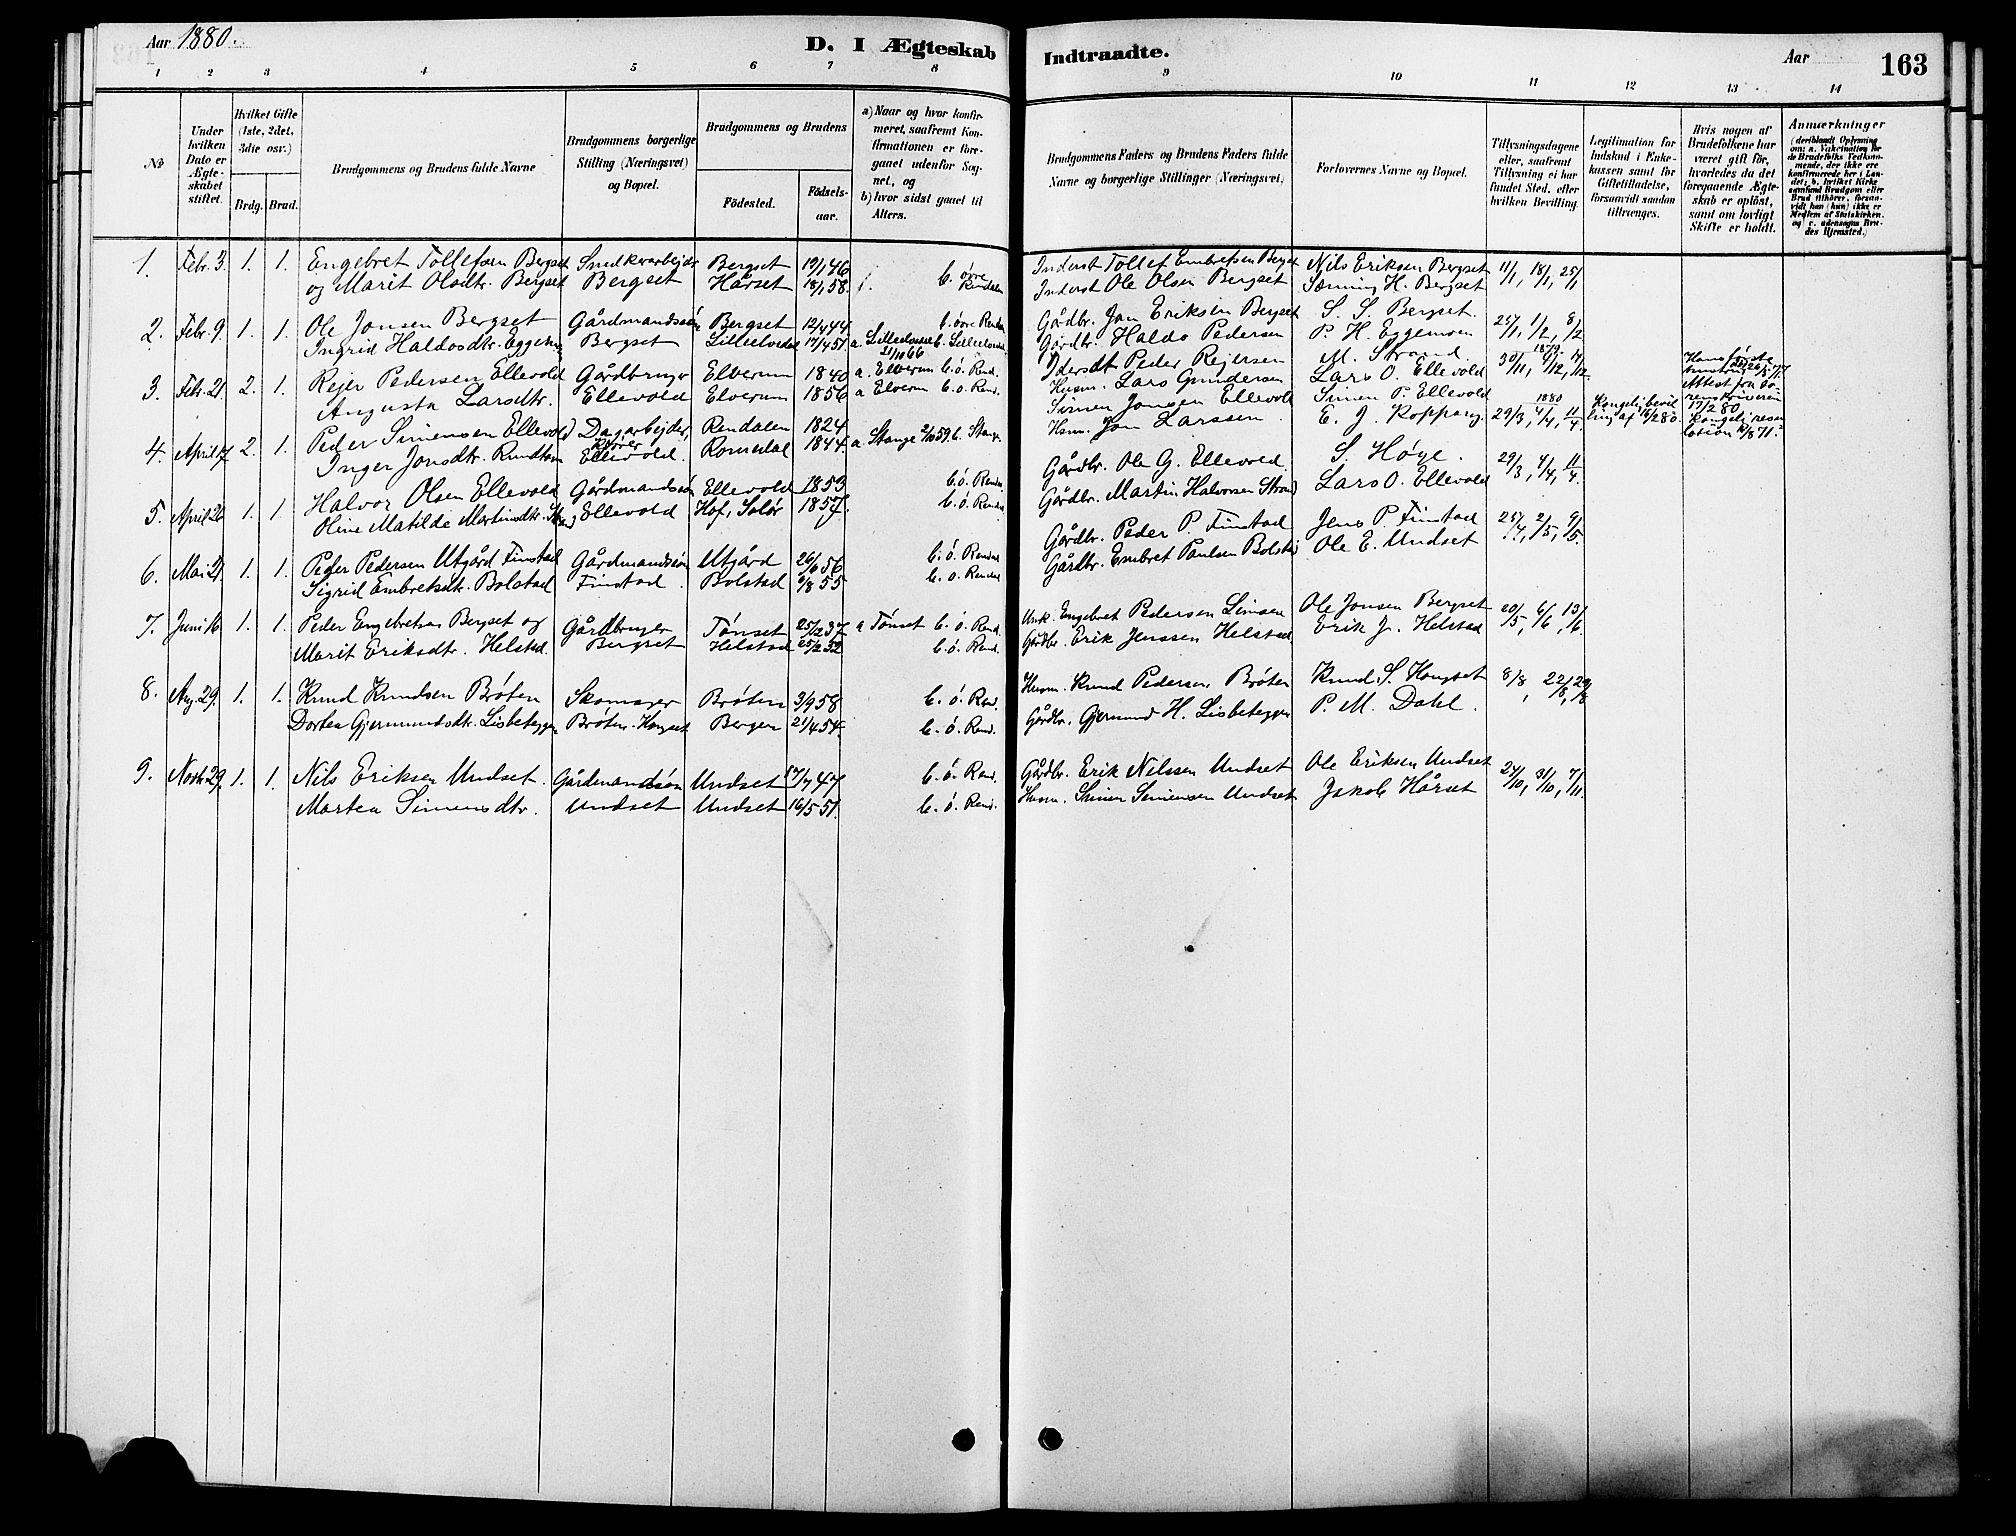 SAH, Rendalen prestekontor, H/Ha/Hab/L0003: Klokkerbok nr. 3, 1879-1904, s. 163